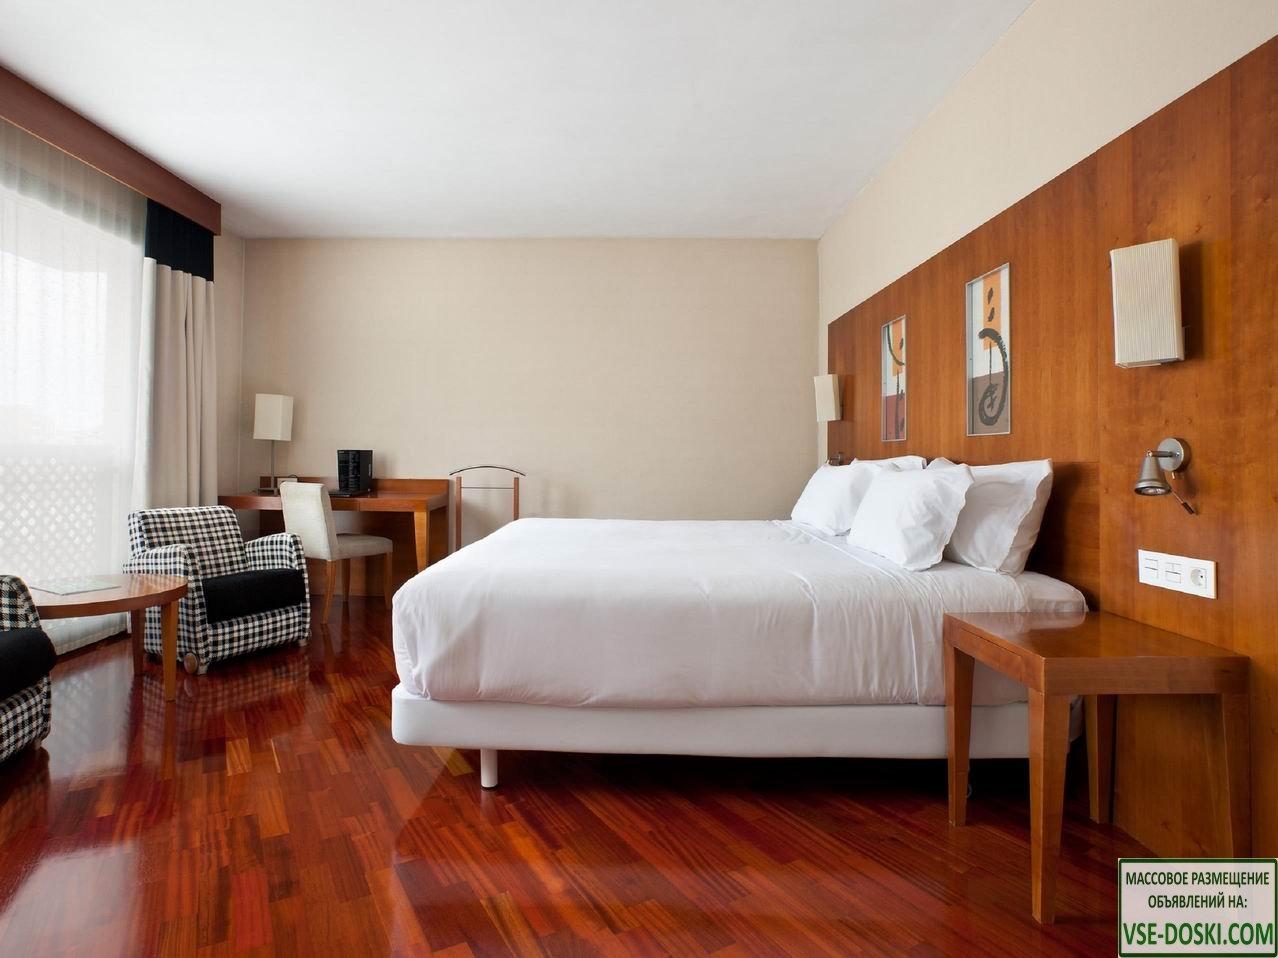 Отель три звезды, на побережье, в регионе Малага.